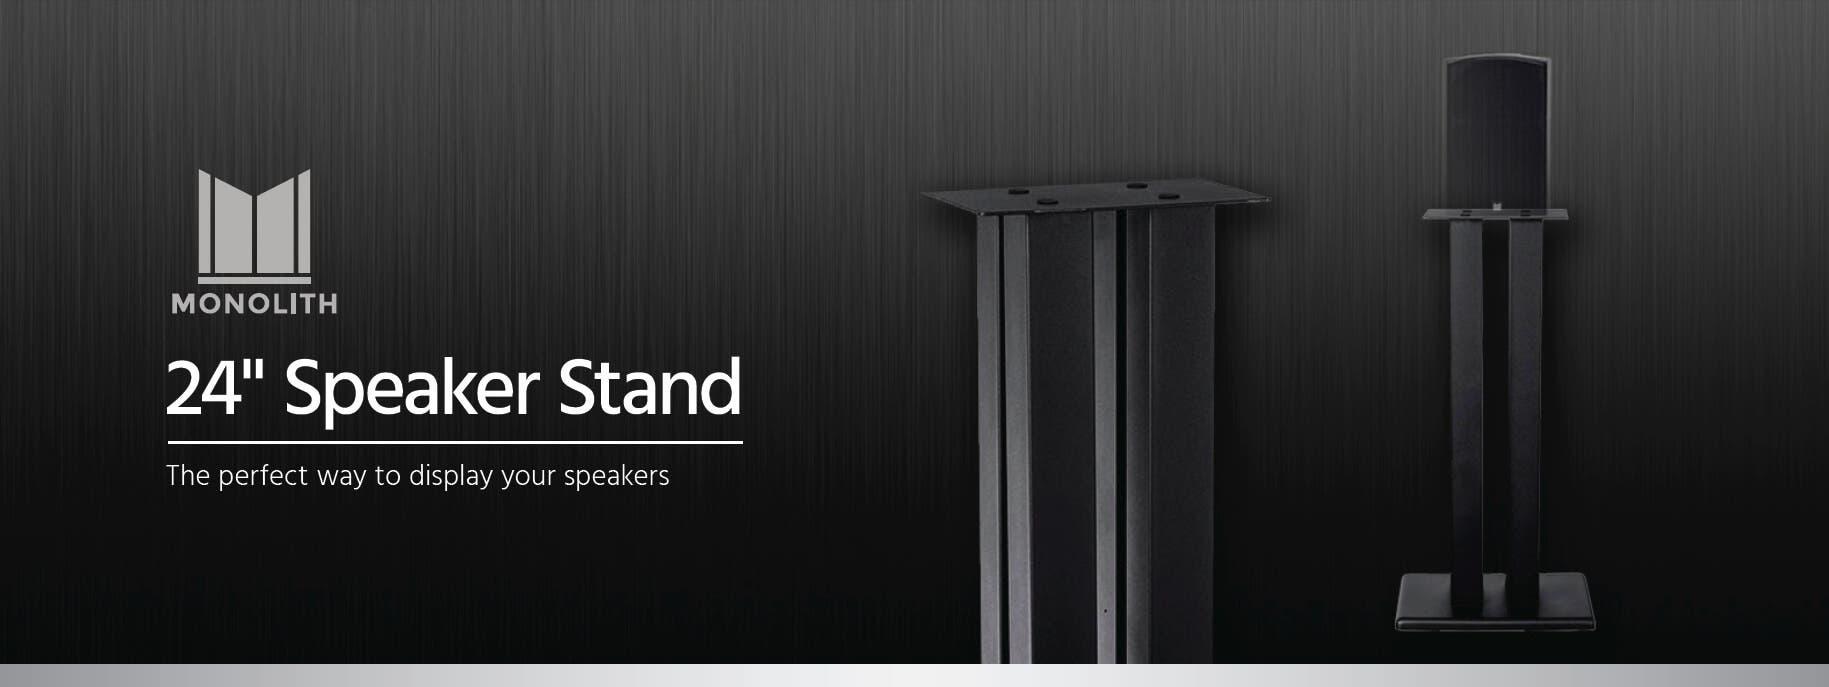 24-inch Speaker Stand